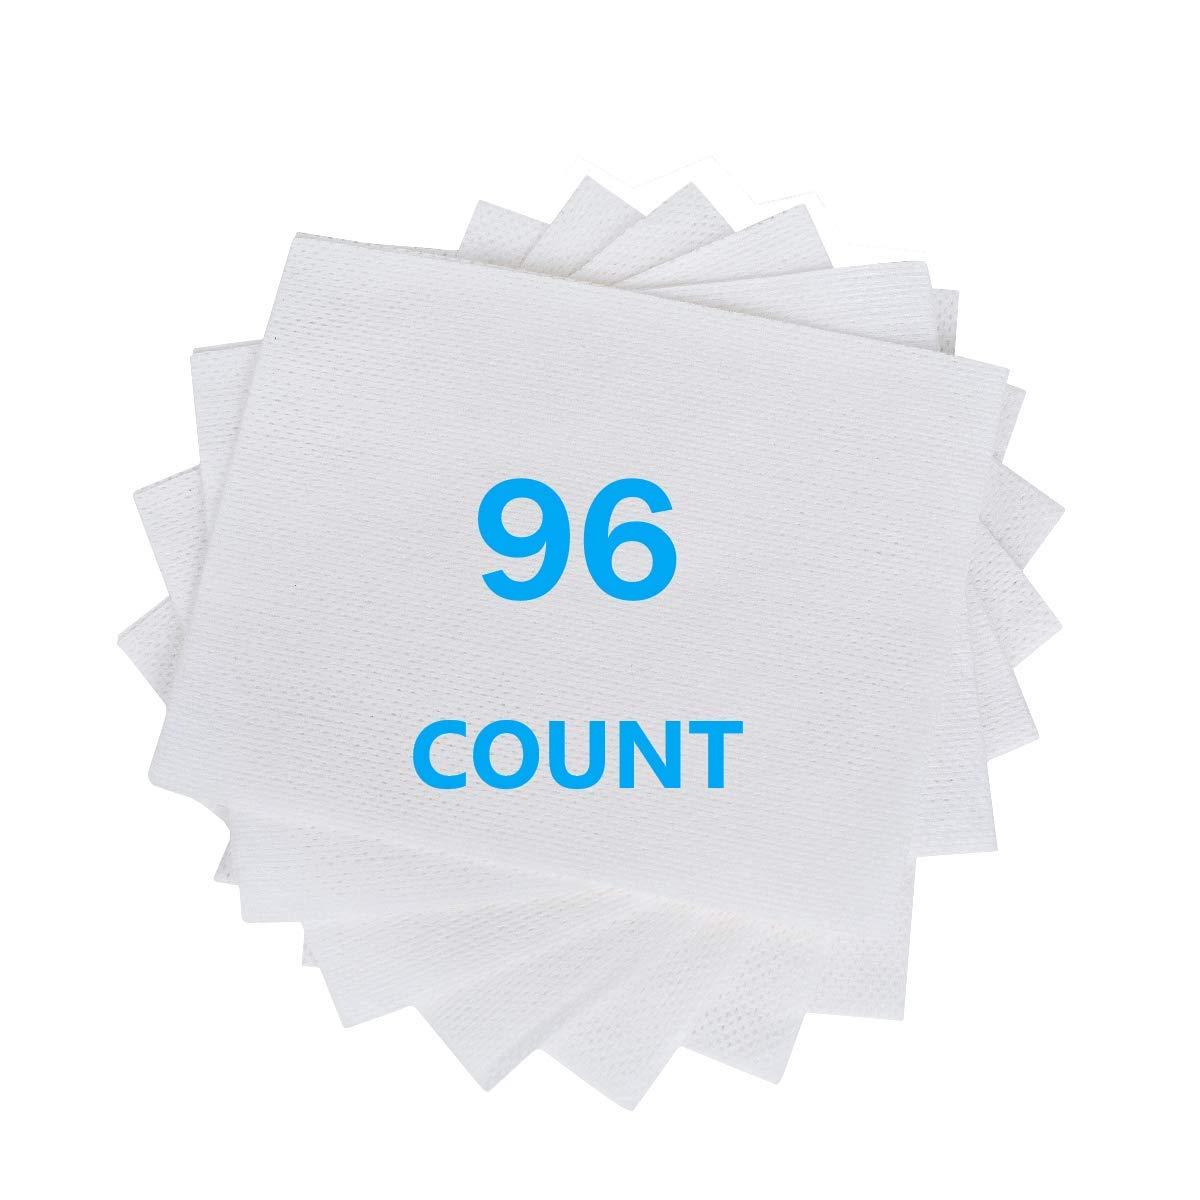 Auxinカラーキャッチャーランドリーシート[ 96 Count ]、服Dyeブラック、トラップLoose染料、Washブラック/ホワイト/ジーンズ/レッド/カラフルミックスClothesカラーBlocker、Dyeトラップシート、Dyeキャッチャーシート[ $ 0.13 / Count ] B079KS35LT